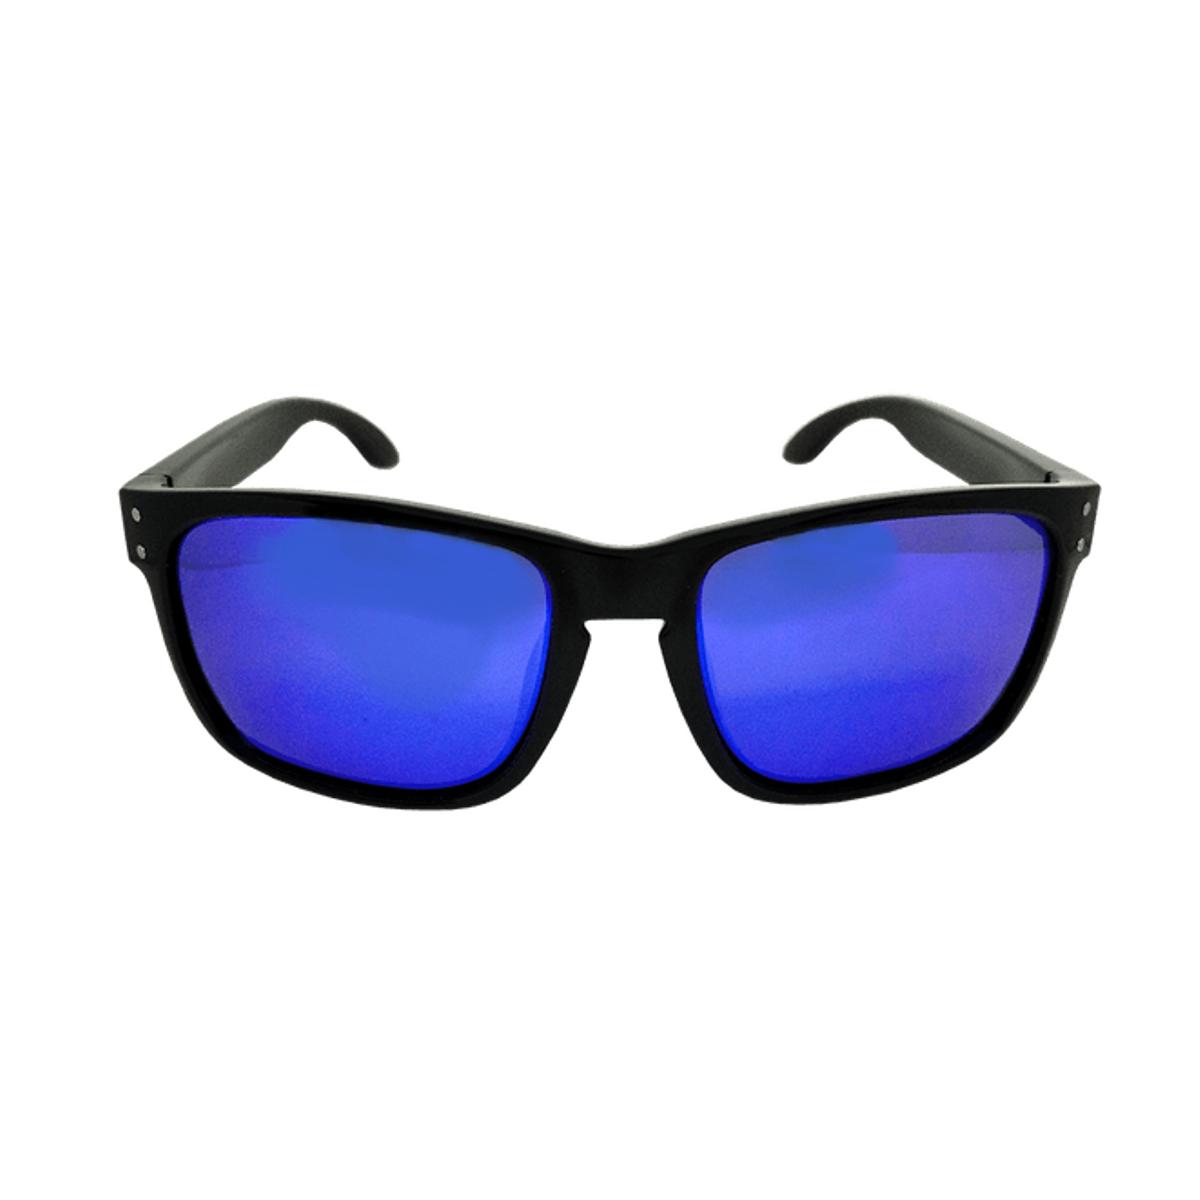 Óculos de Sol Polarizado Yara Dark Vision 01592 Classic - Lente Azul Espelhado  - Pesca Adventure